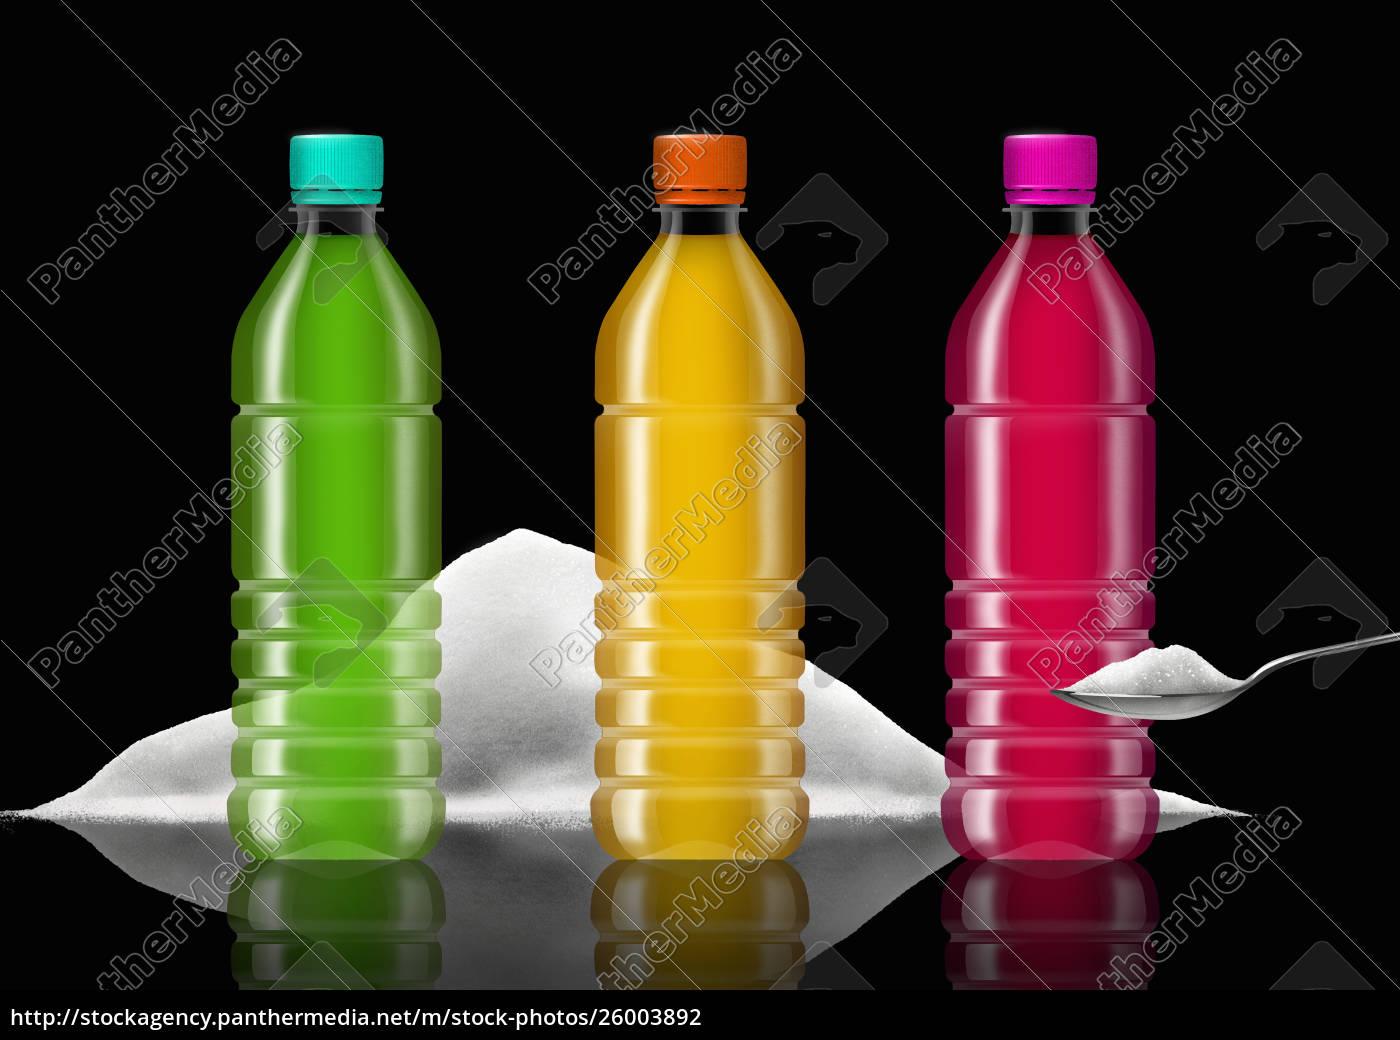 fila, di, bottiglie, di, bibite, analcoliche - 26003892